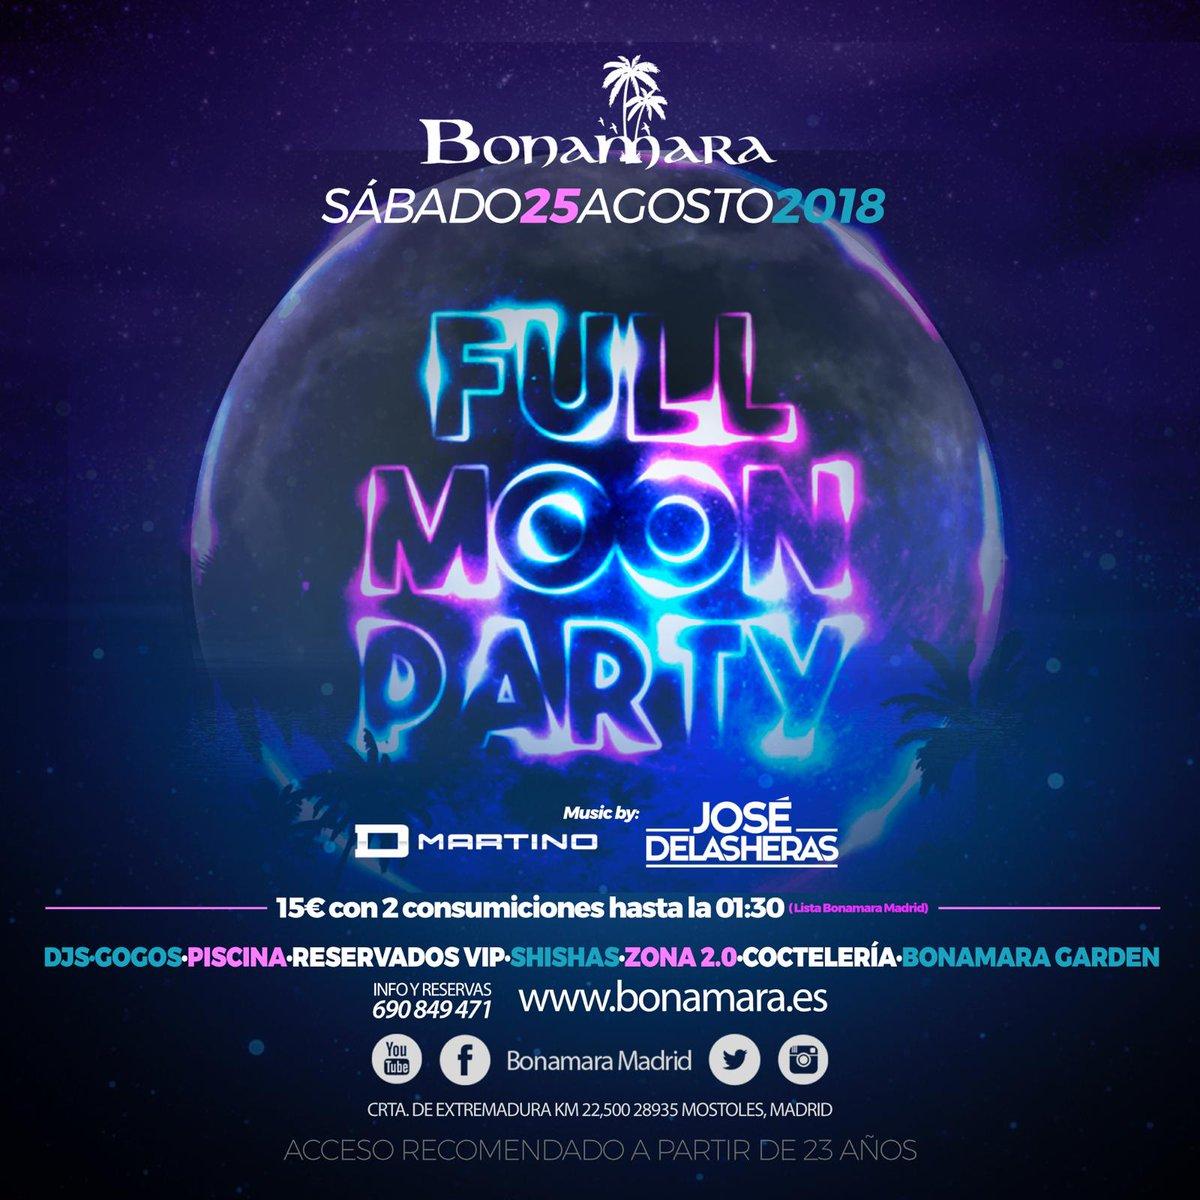 Bonamara Madrid On Twitter Esta Noche Hay Luna Llena Y En